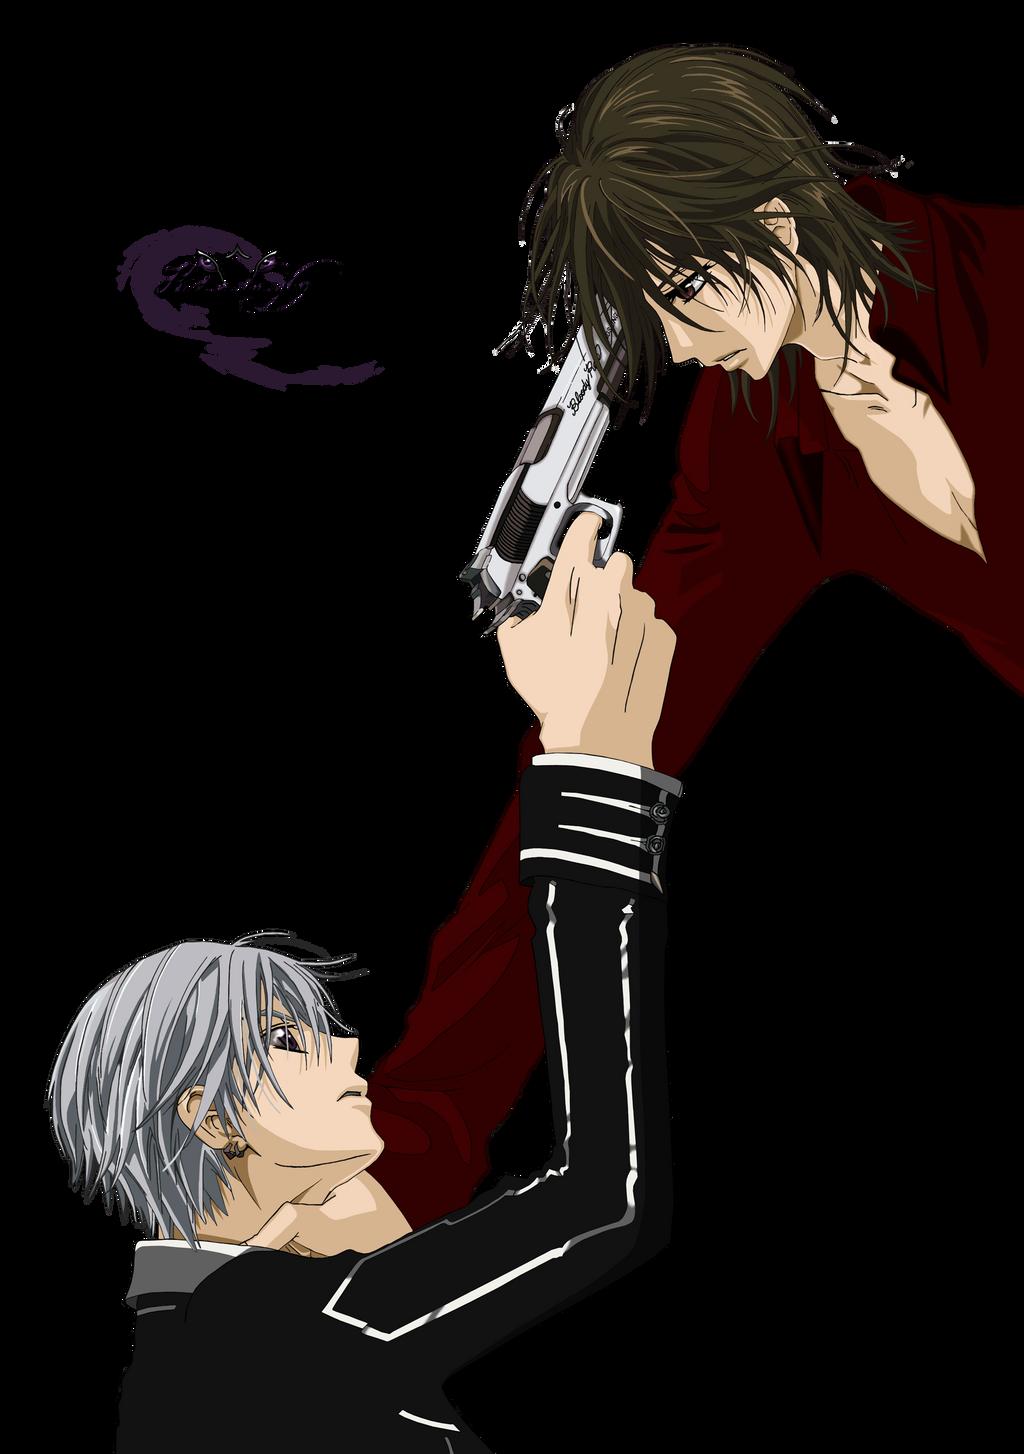 Vampire Knight Small (5) by Kitabug69 on DeviantArt